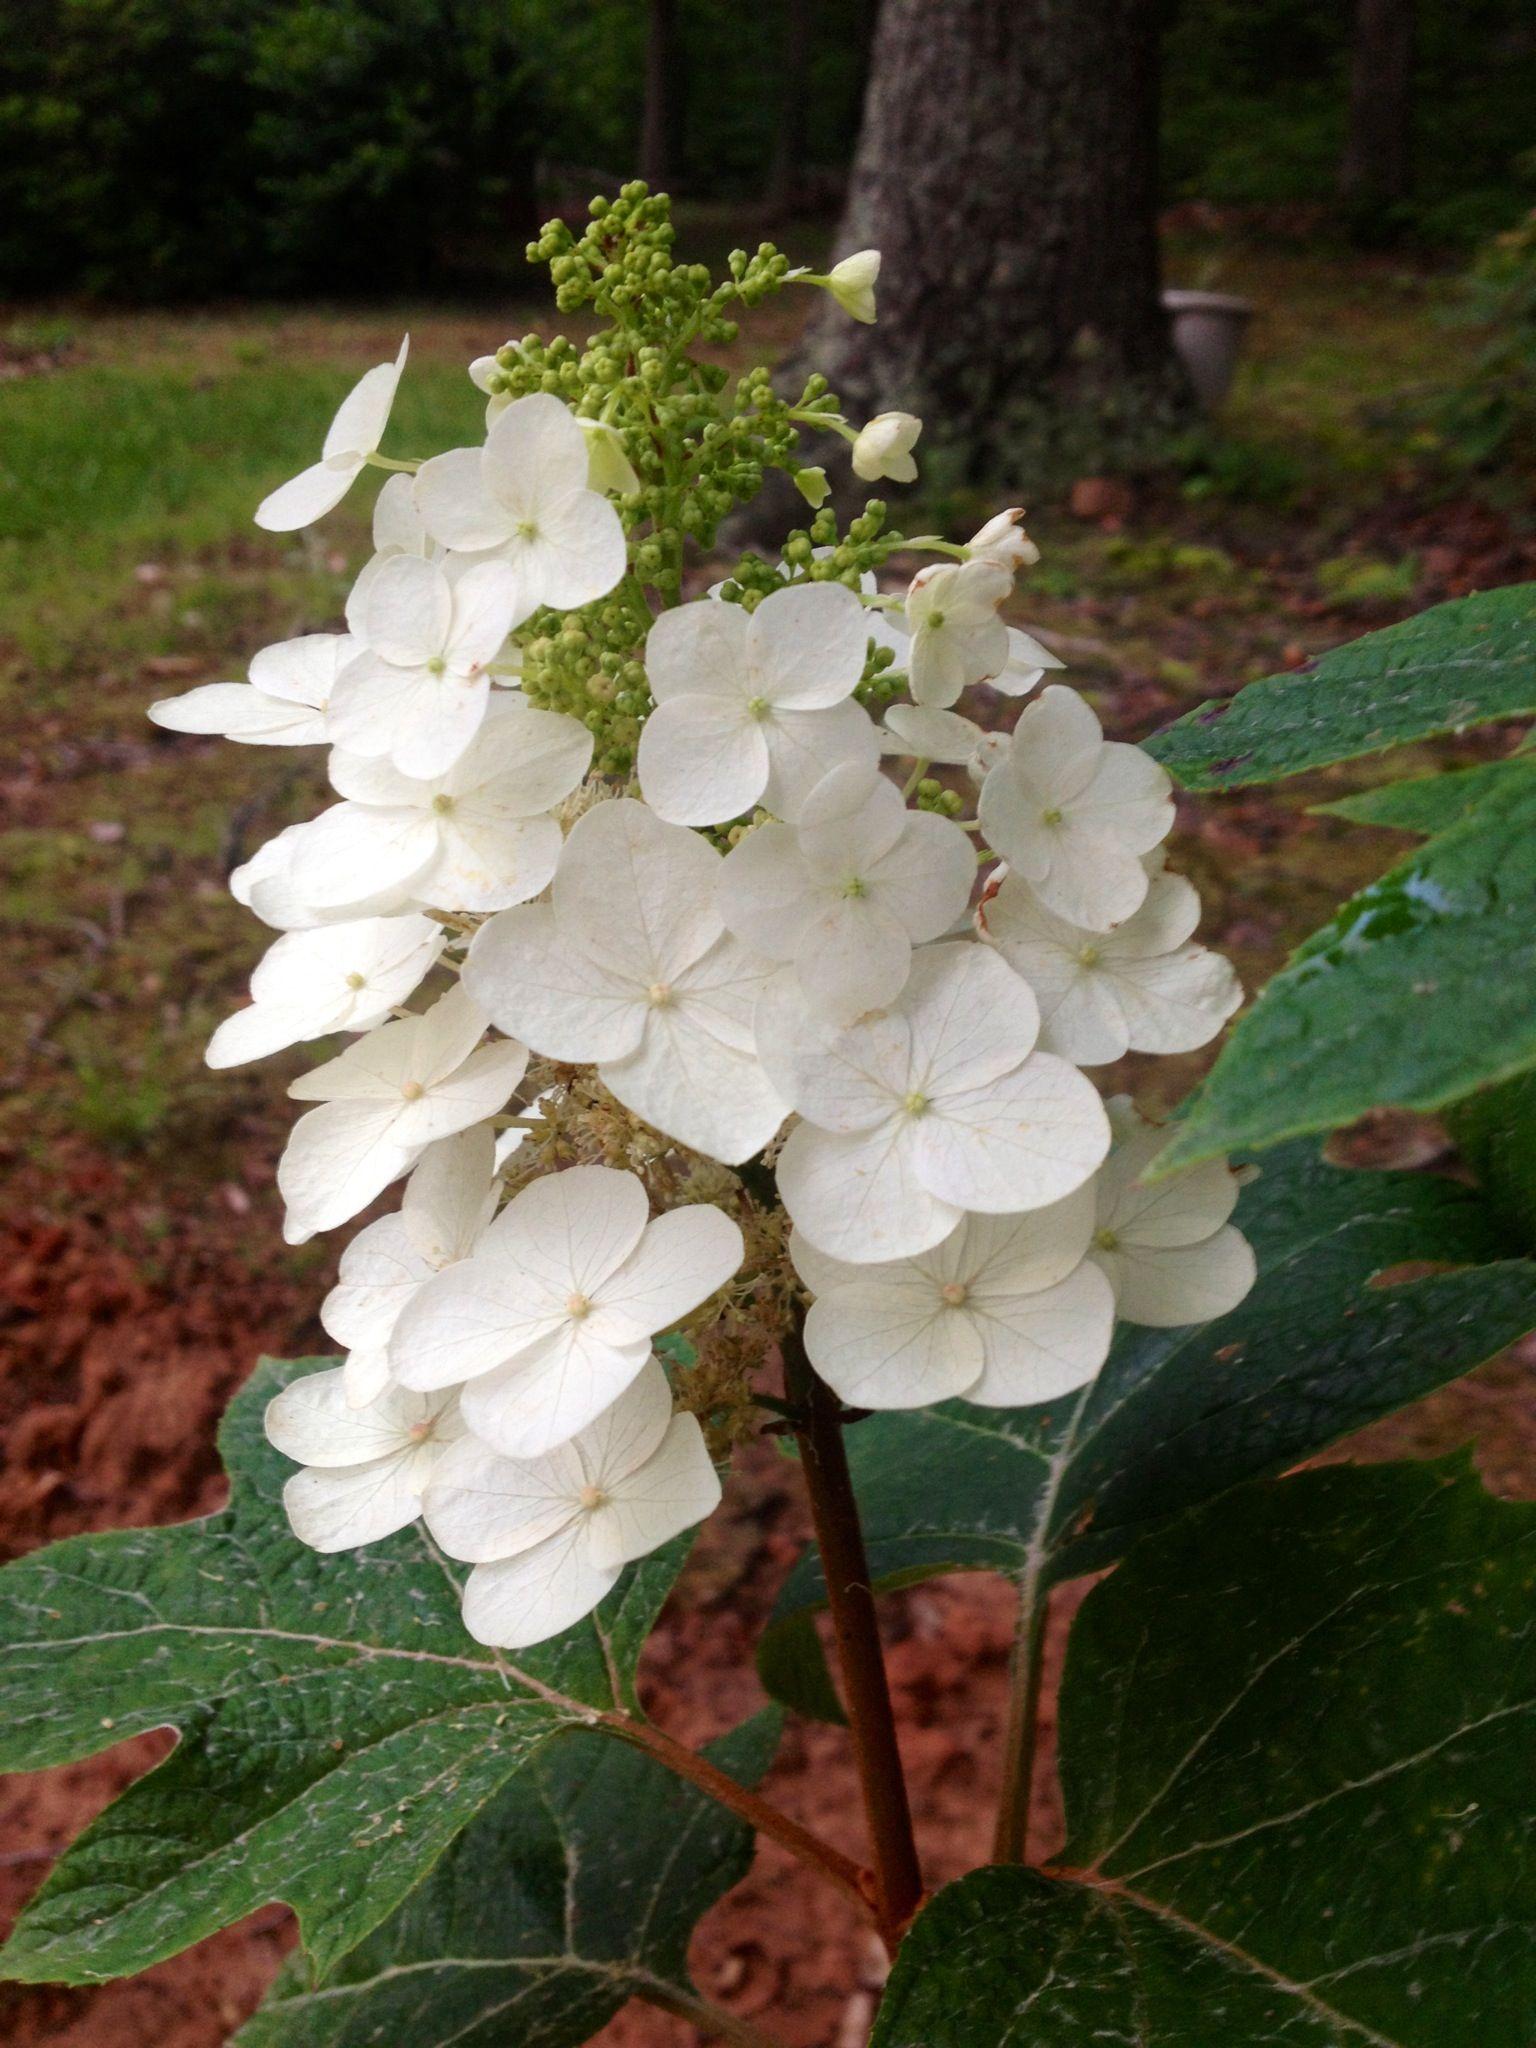 Oak Leaf Hydrangea first blooms